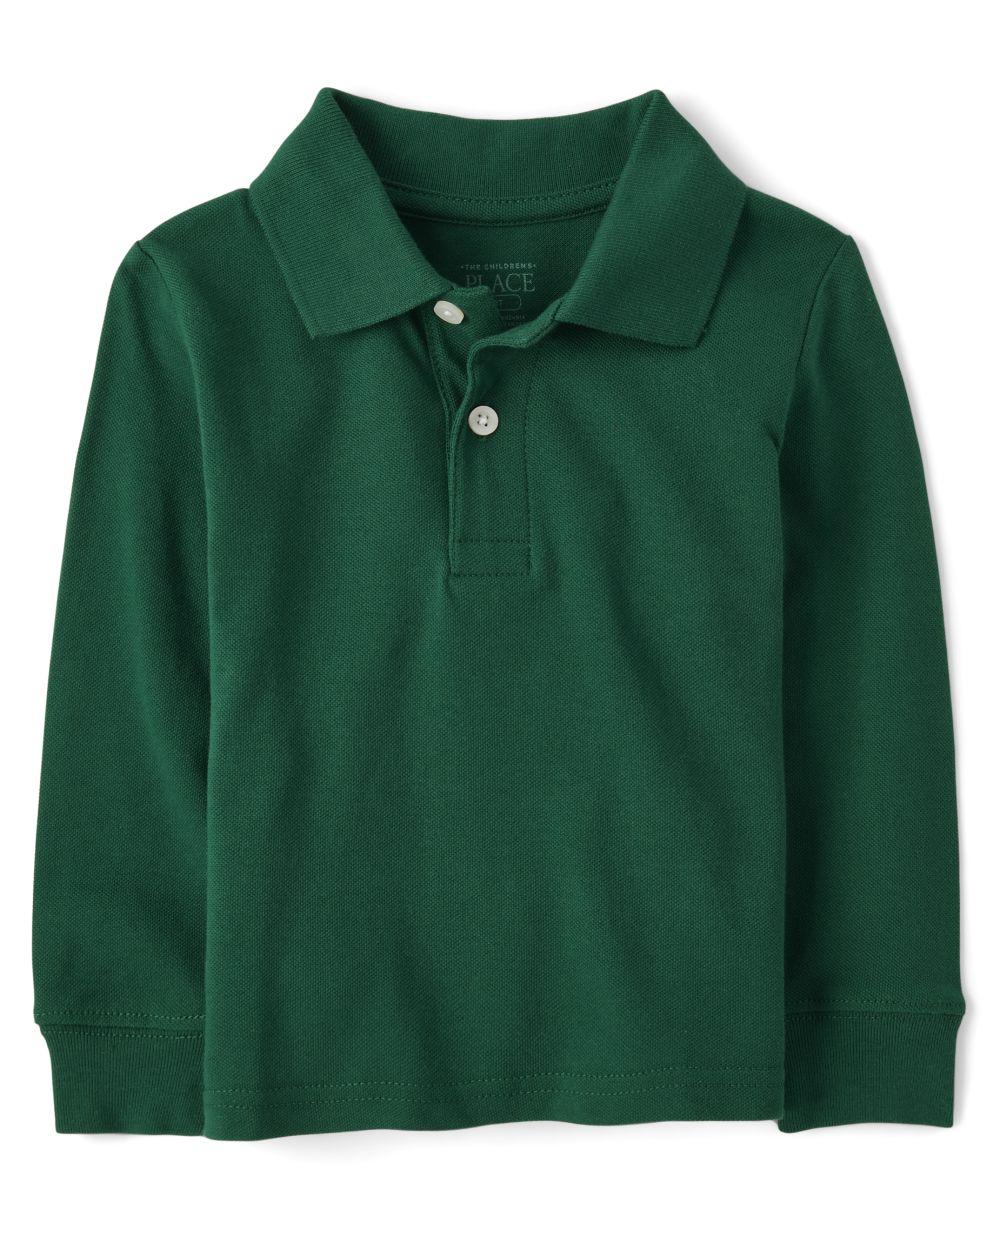 Baby And Toddler Boys Uniform Long Sleeve Pique Polo